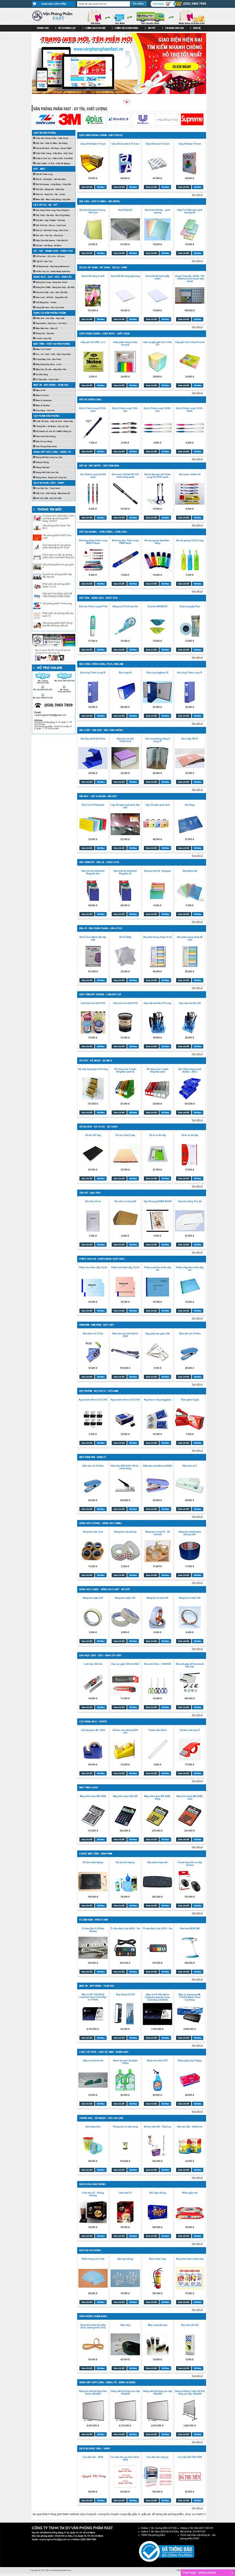 Thiết kế Mẫu Website Văn Phòng Phẩm VPP04